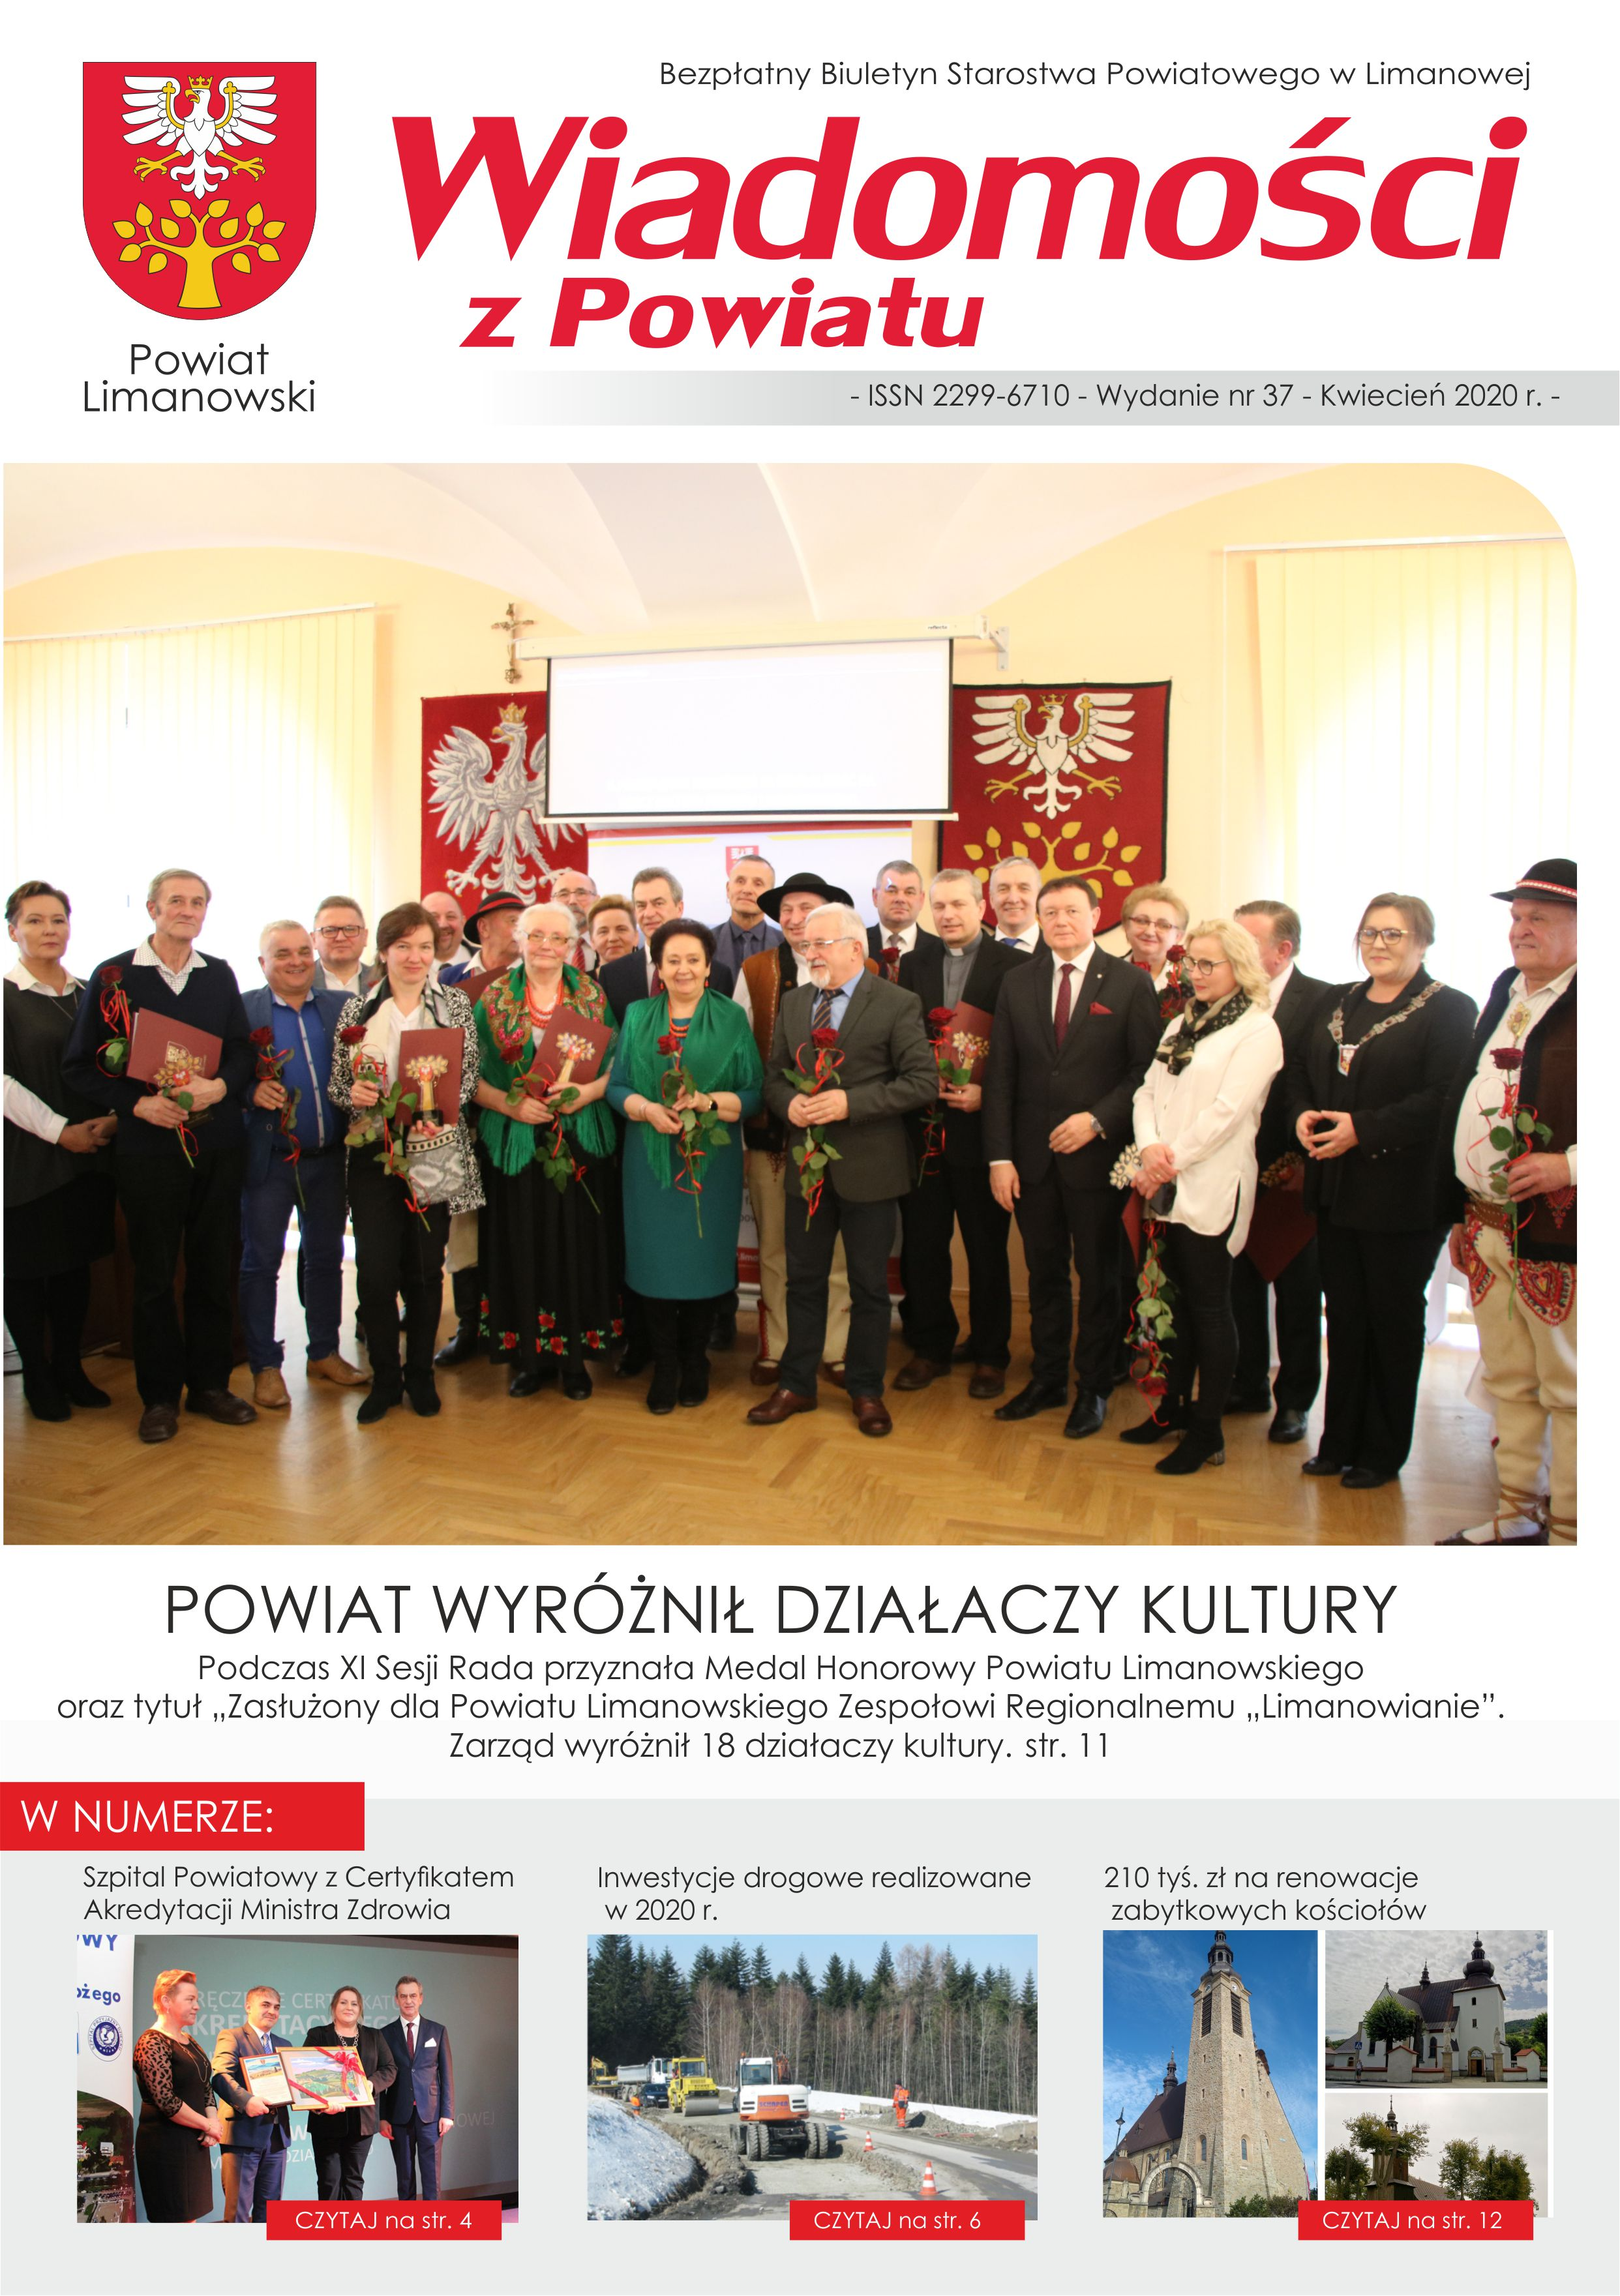 Wiadomości z Powiatu kwiecień 2020 - zdjecie strony tytułowej, wydanie elektroniczne